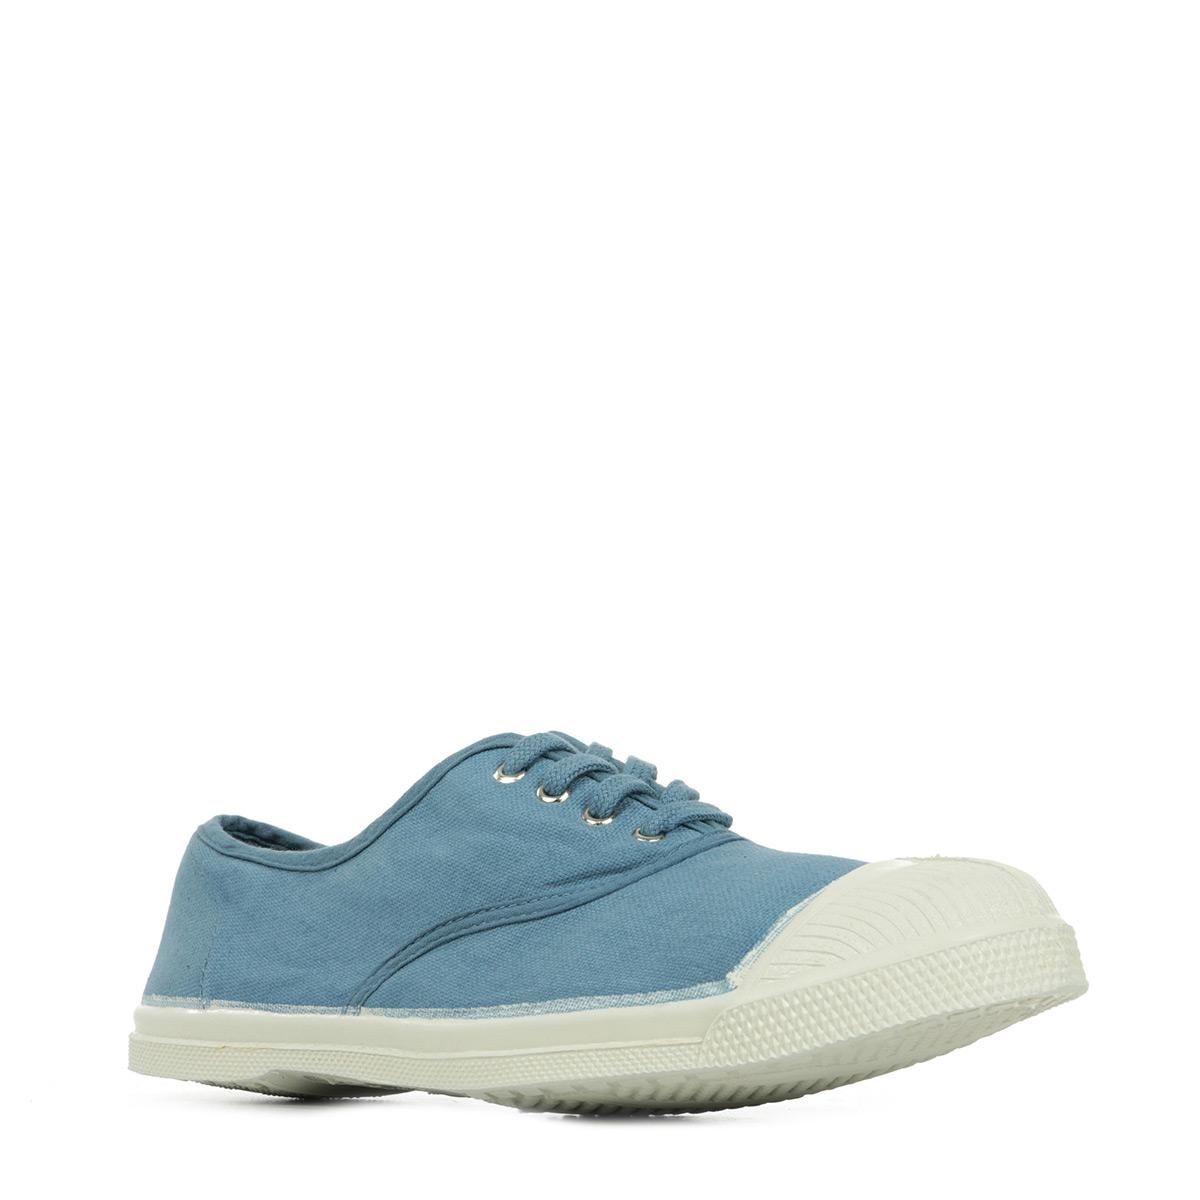 chaussures baskets bensimon femme ten lacet denim taille bleu bleue textile. Black Bedroom Furniture Sets. Home Design Ideas